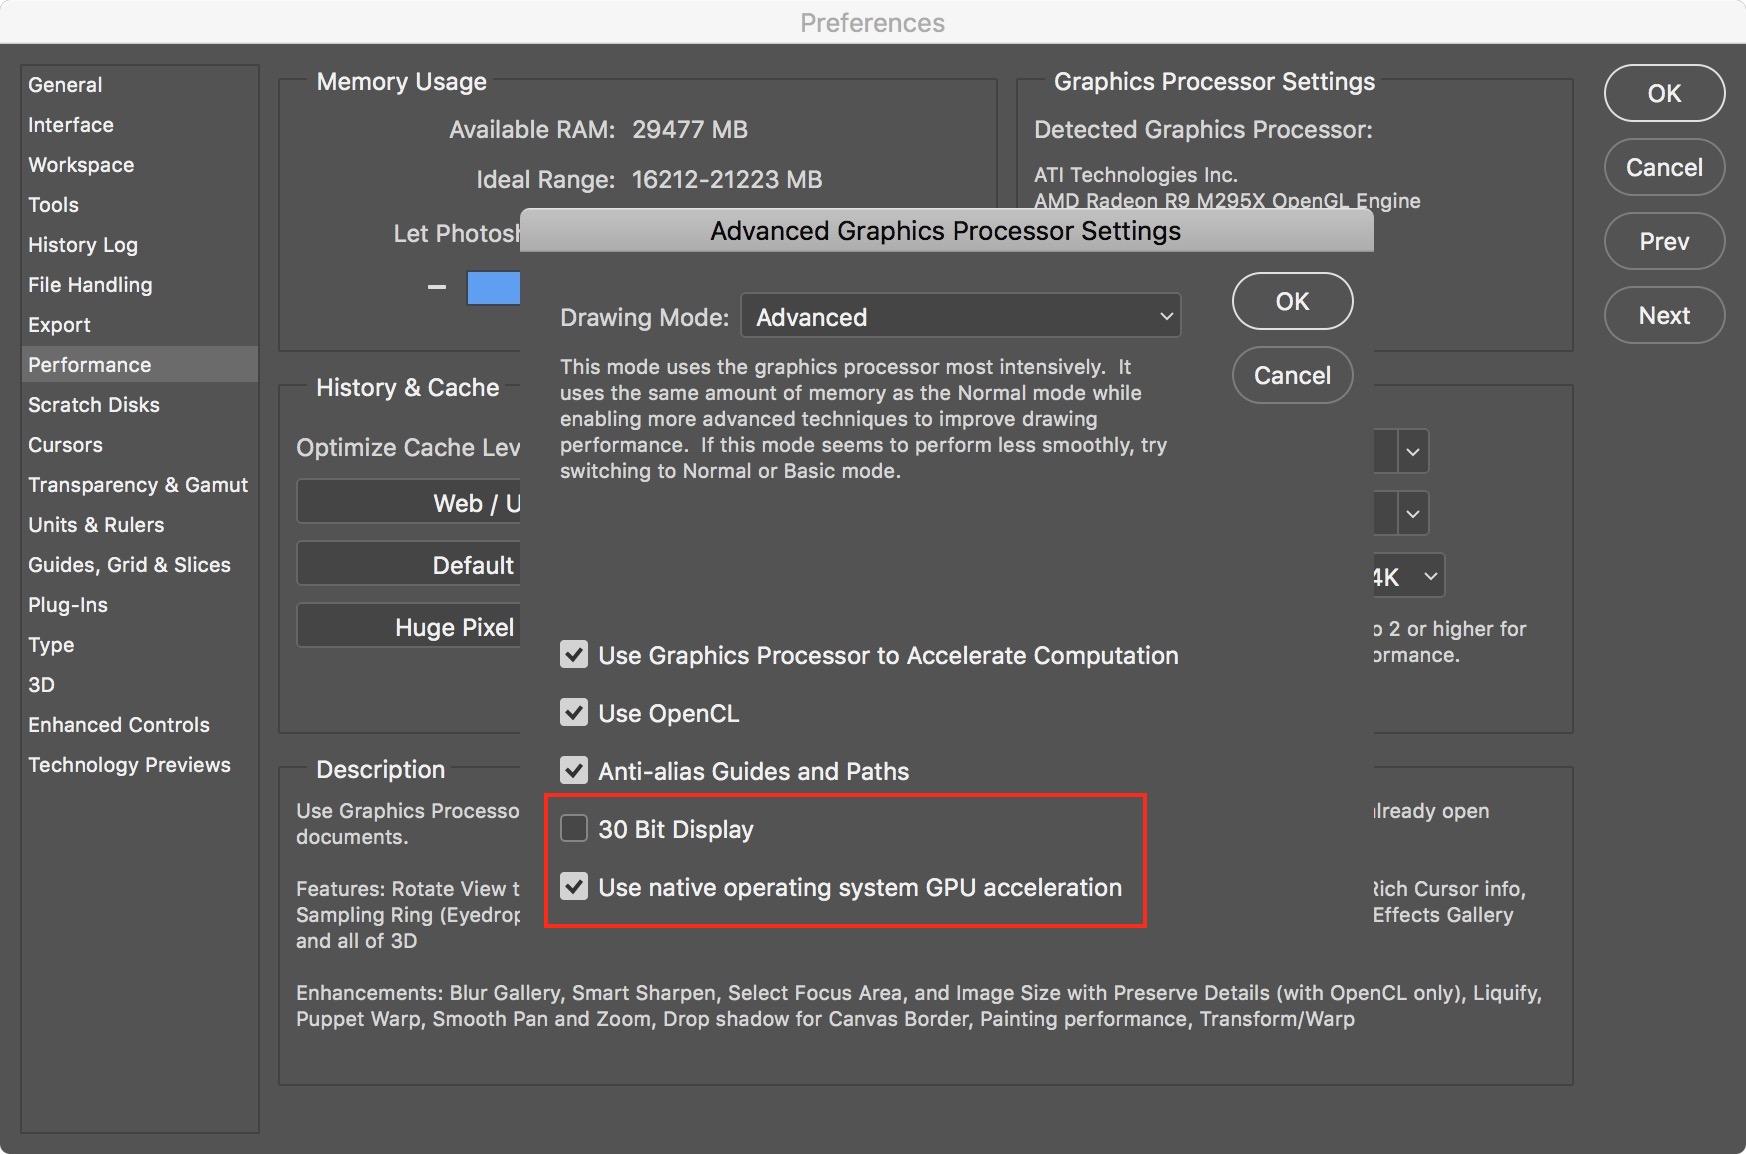 Image #6 - Use native operating system GPU acceleration